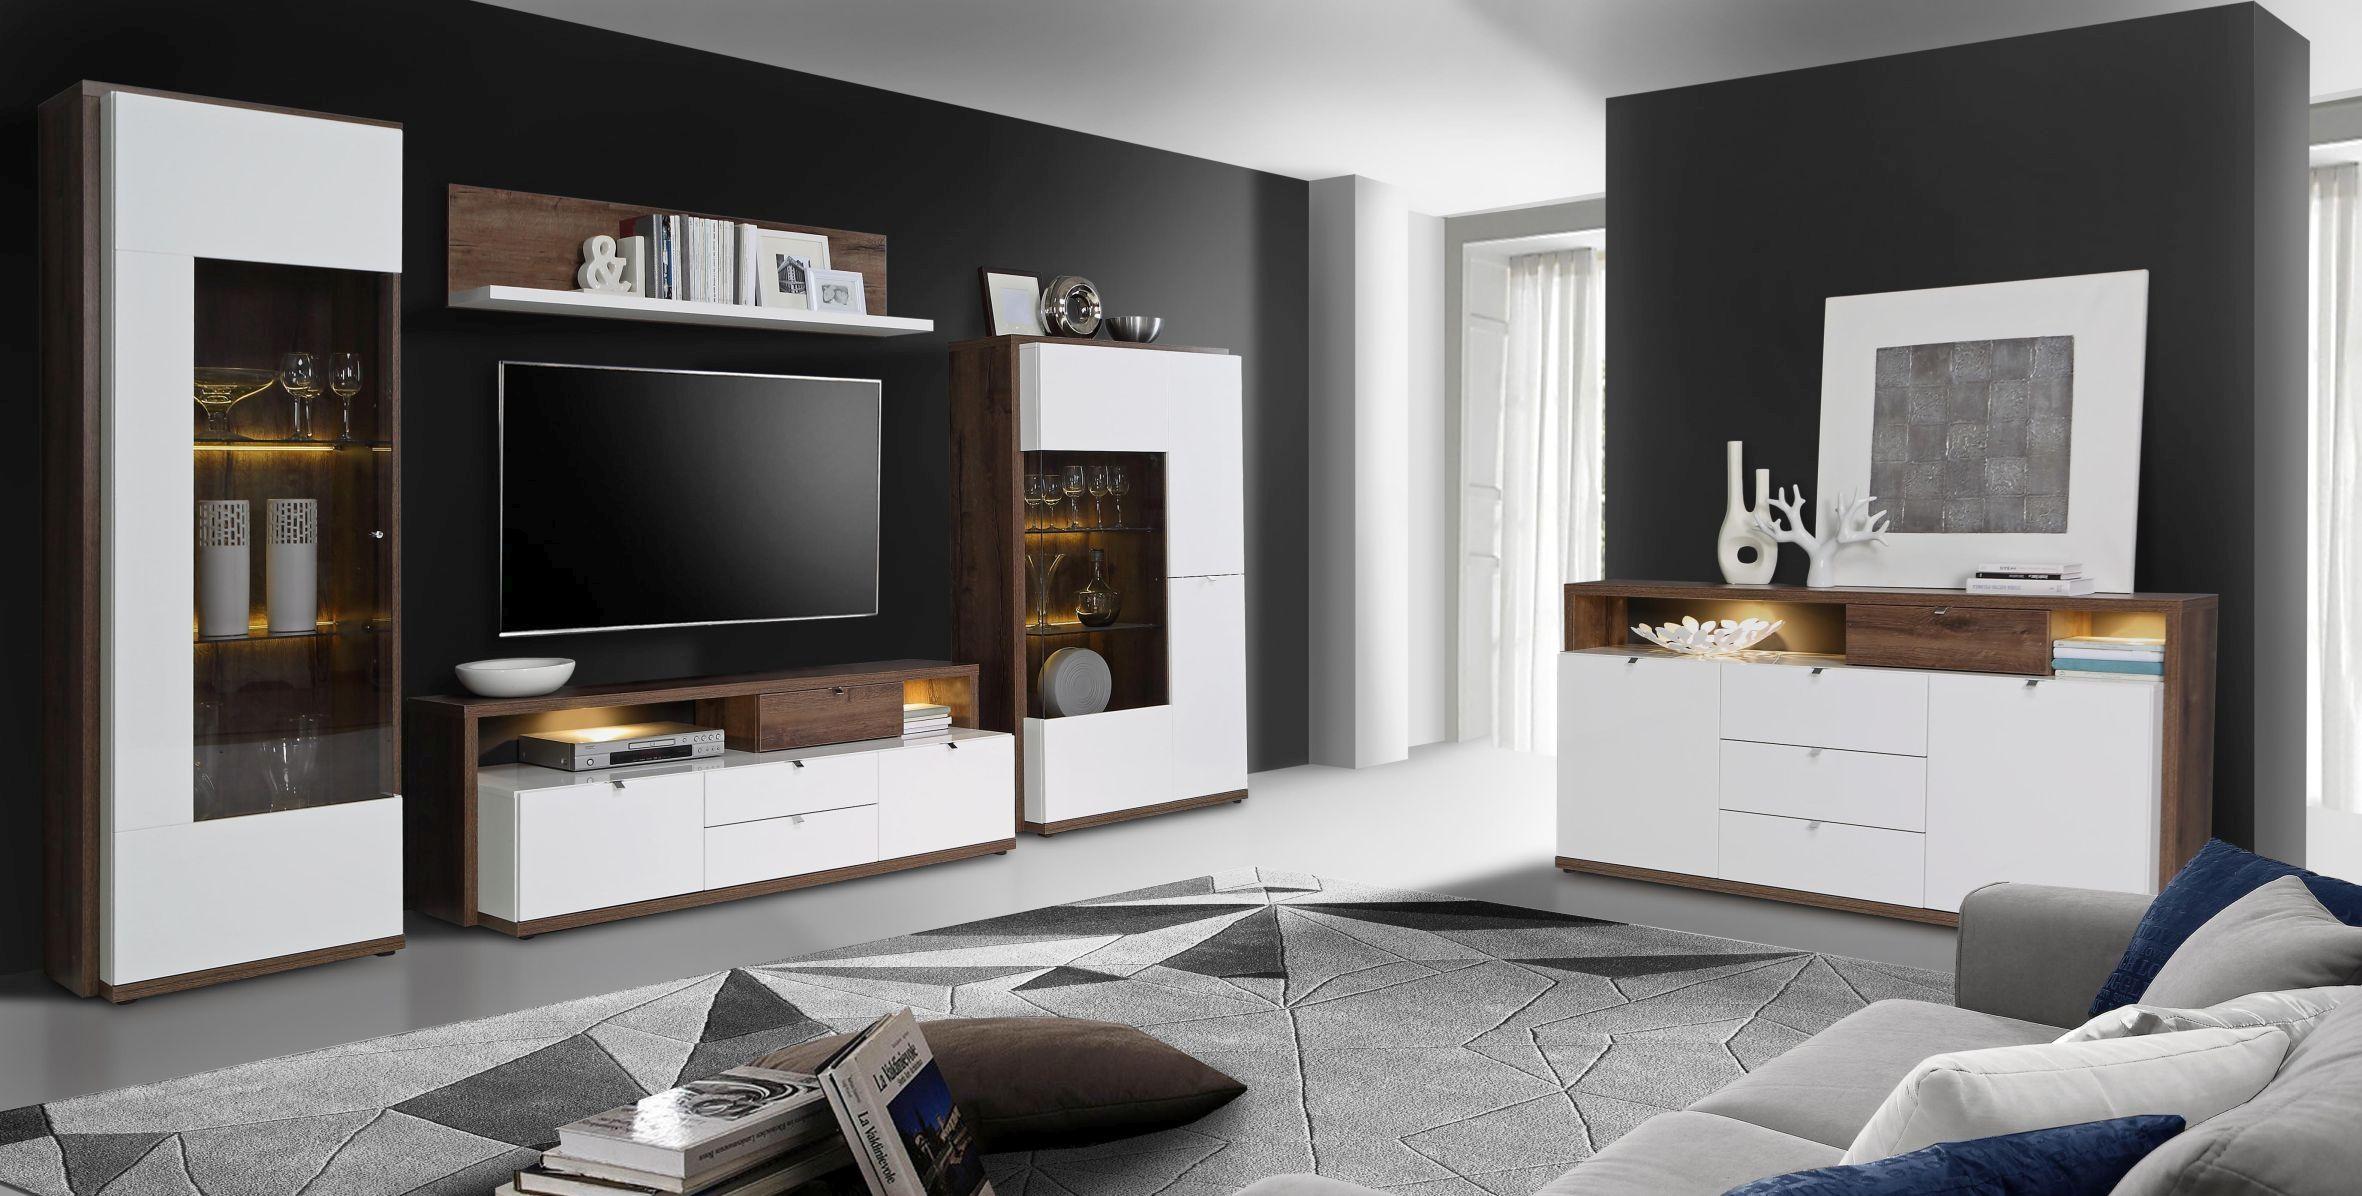 Wohnwand Alcano Braun Weiß Wohnen Möbel Fürs Wohnzimmer